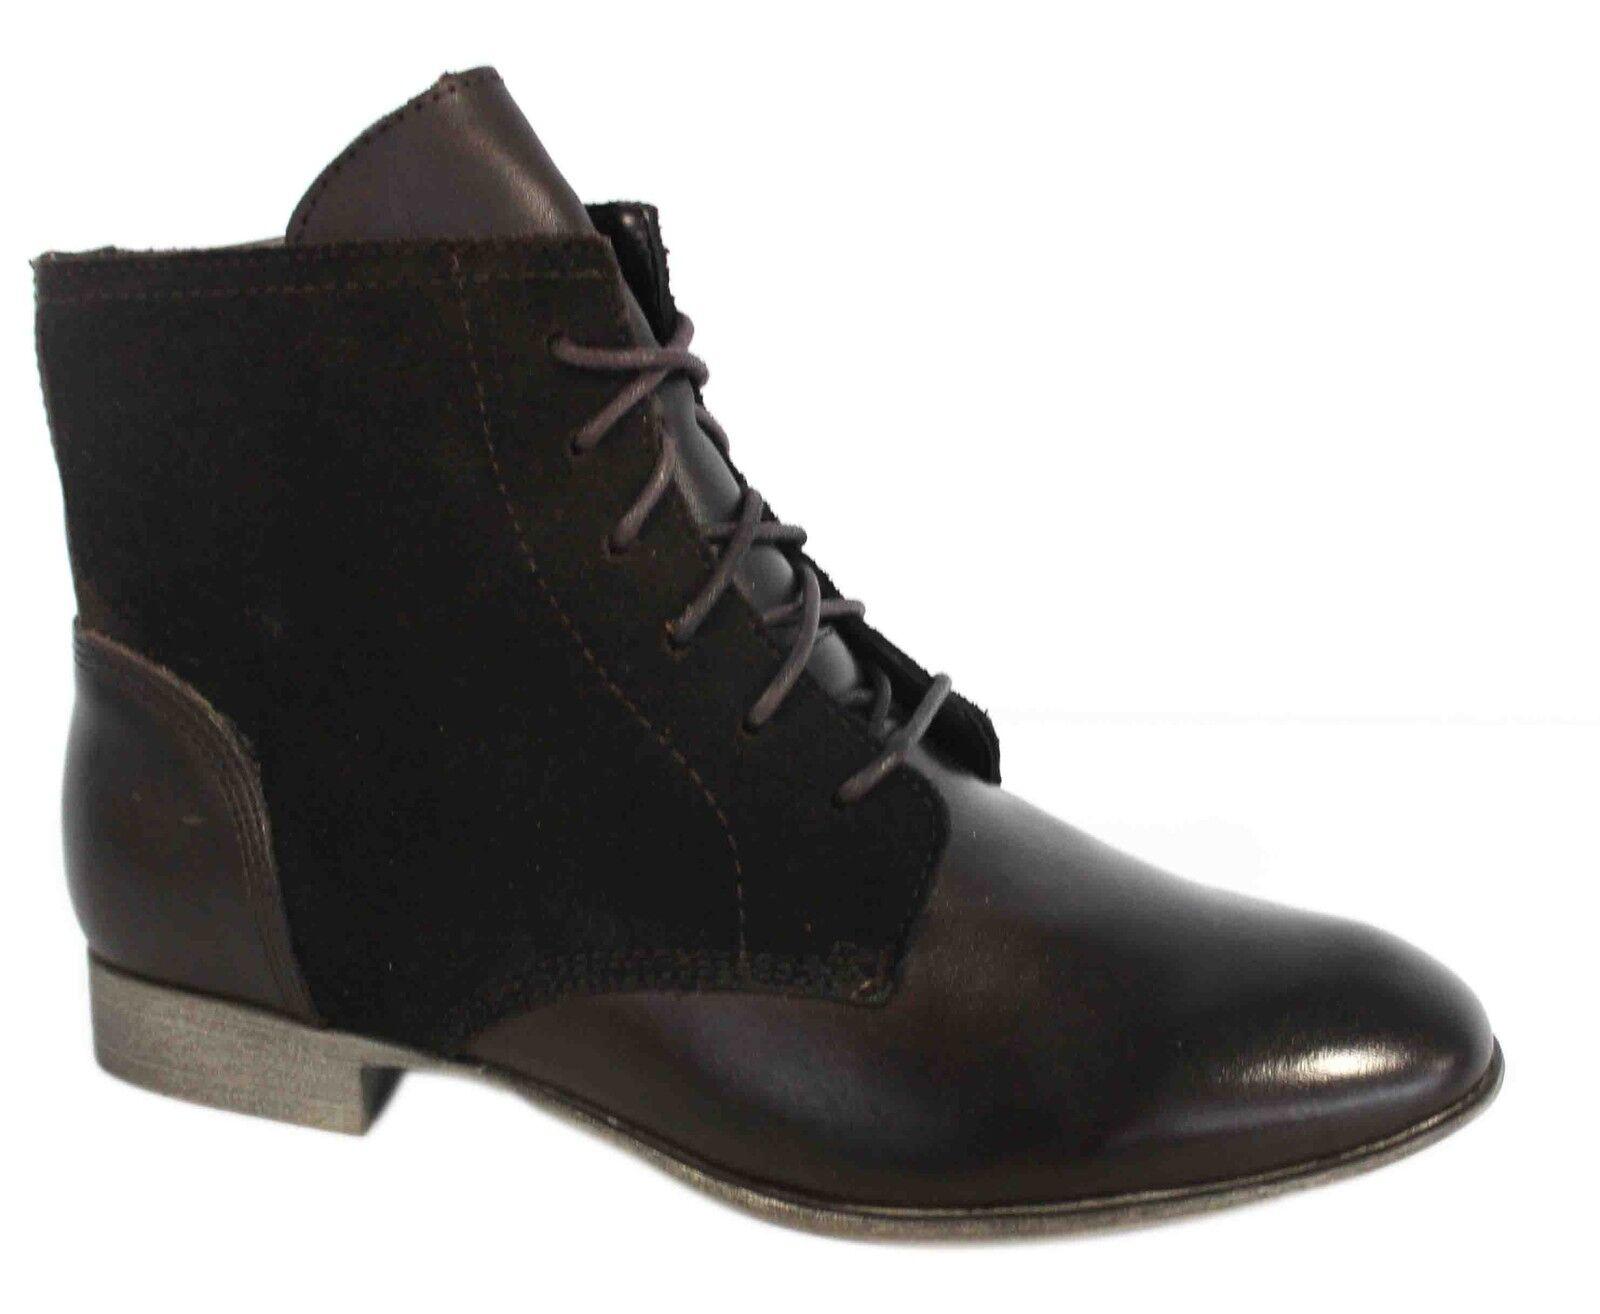 Hush Puppies Farland Ankle Leather Dark braun Stiefel schuhe damen H506631 U98